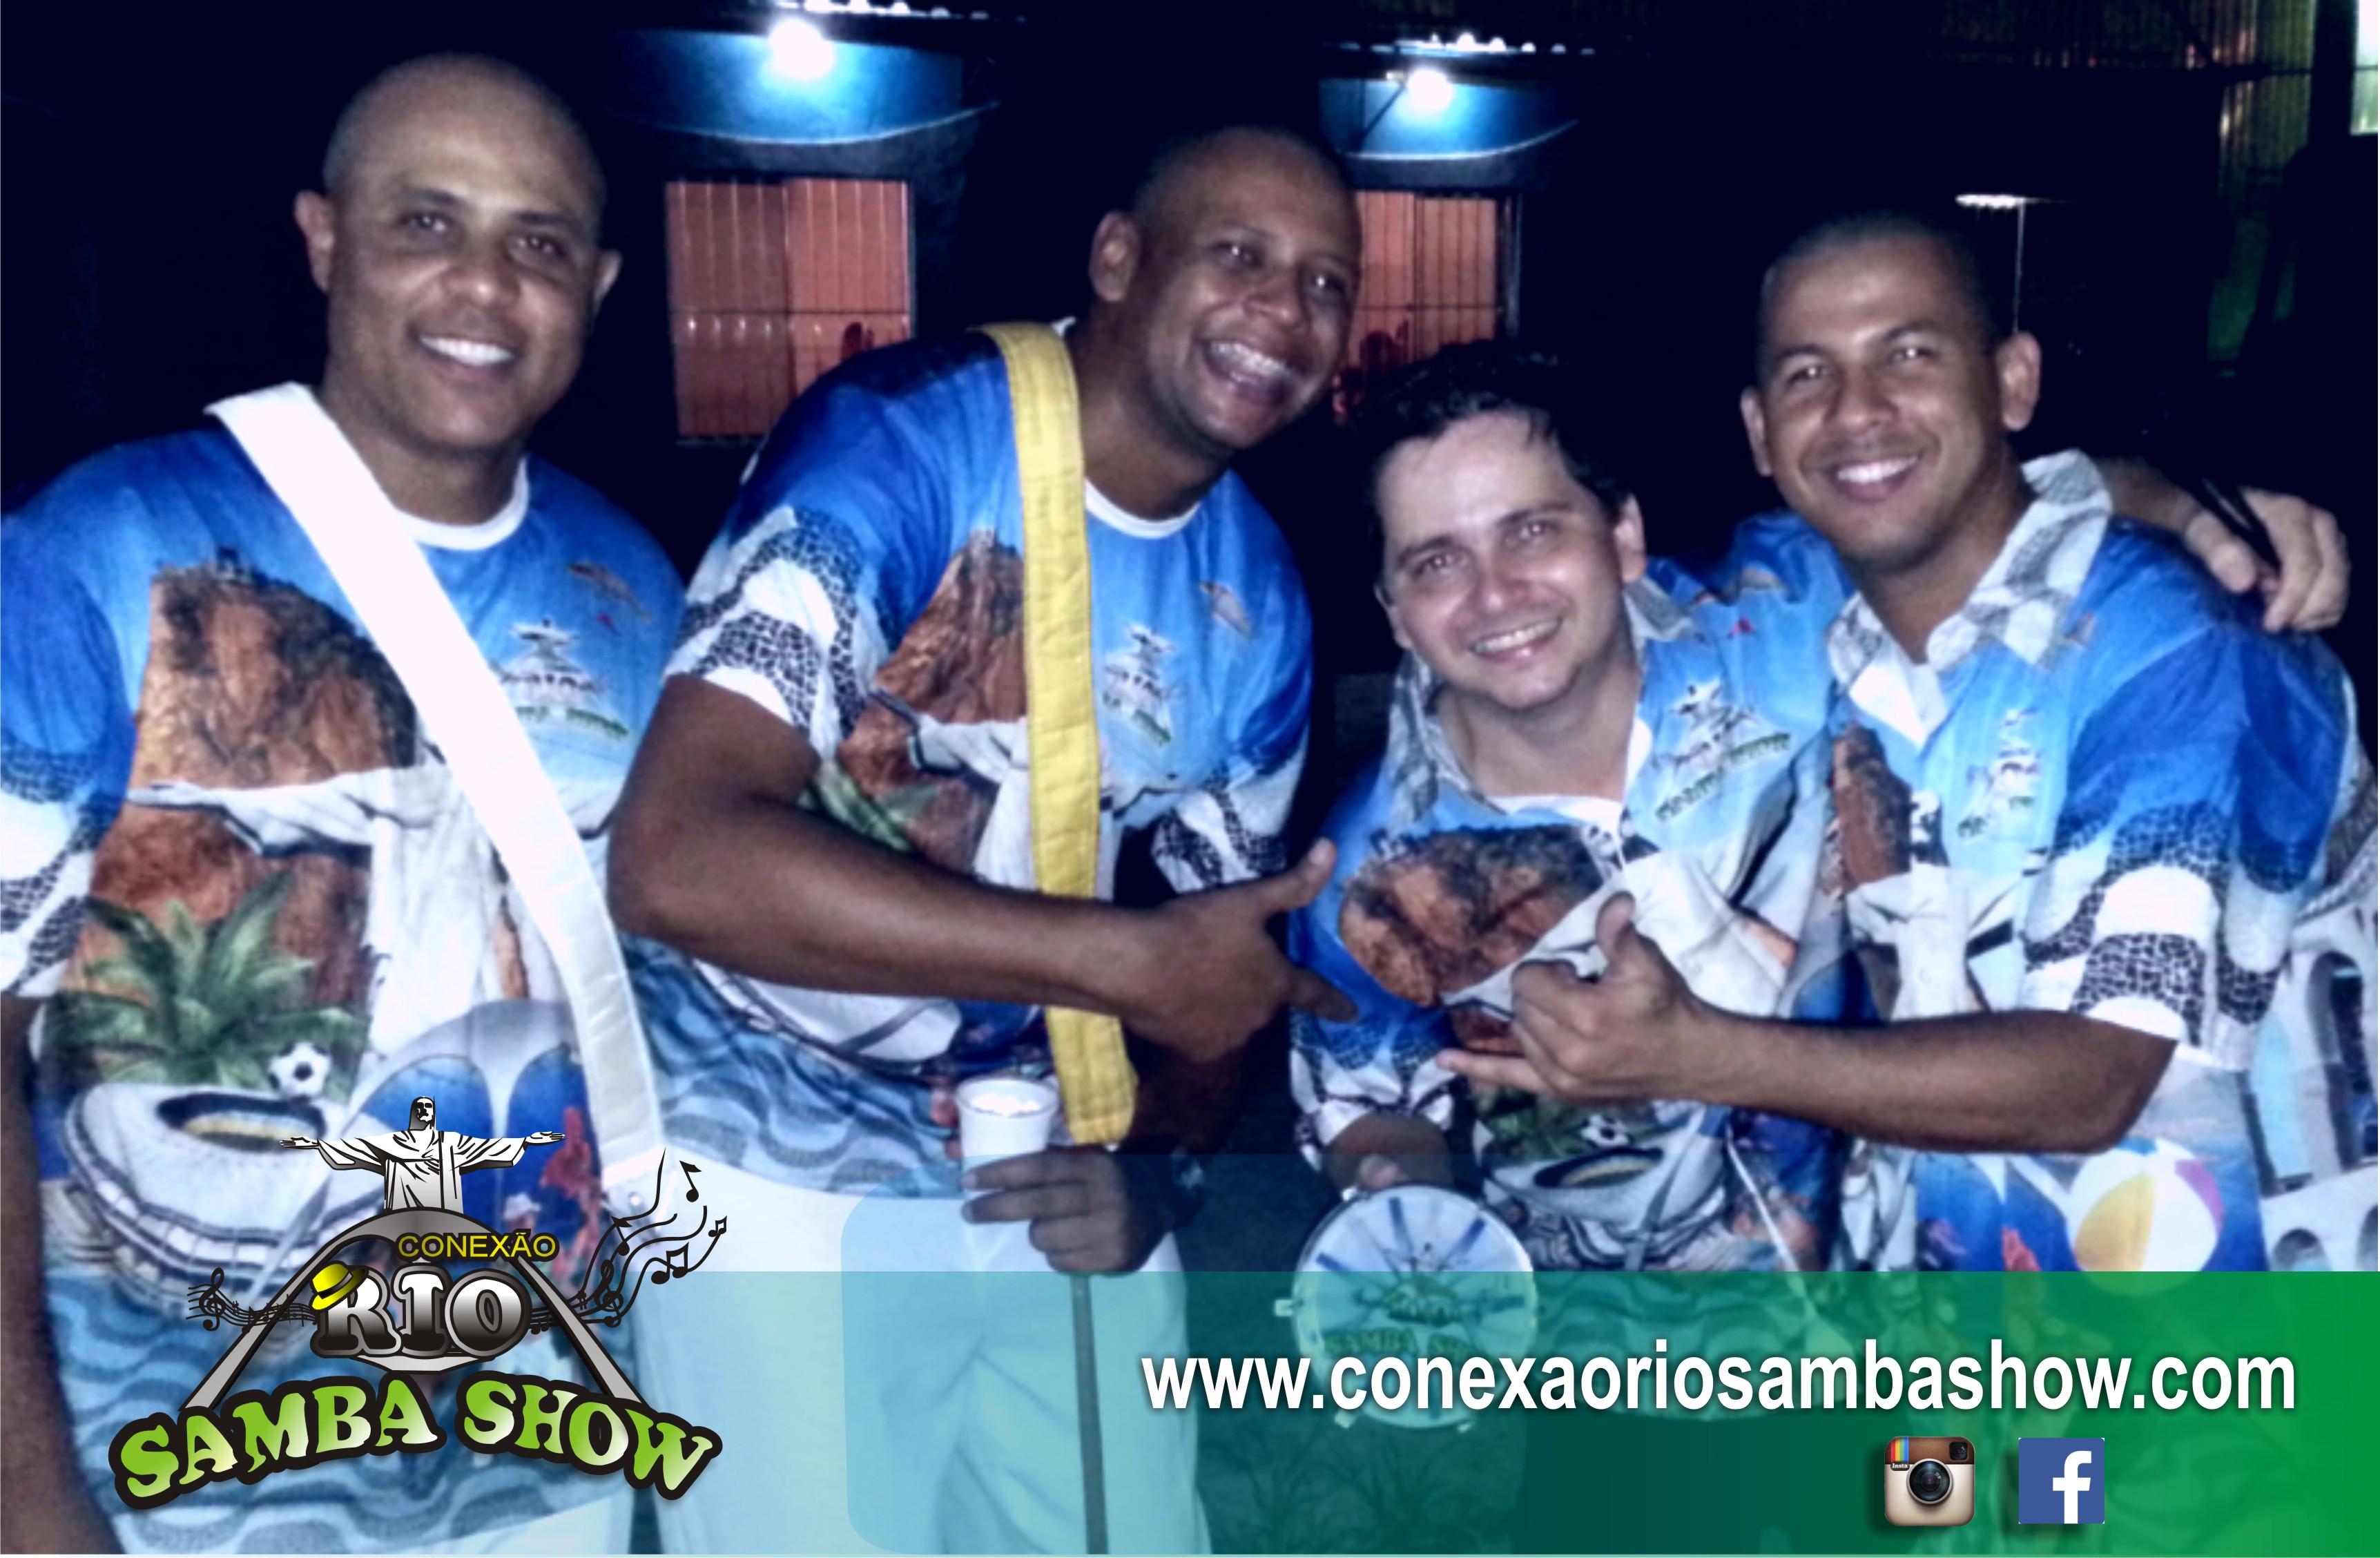 conexão_rio_samba_show_05.jpg